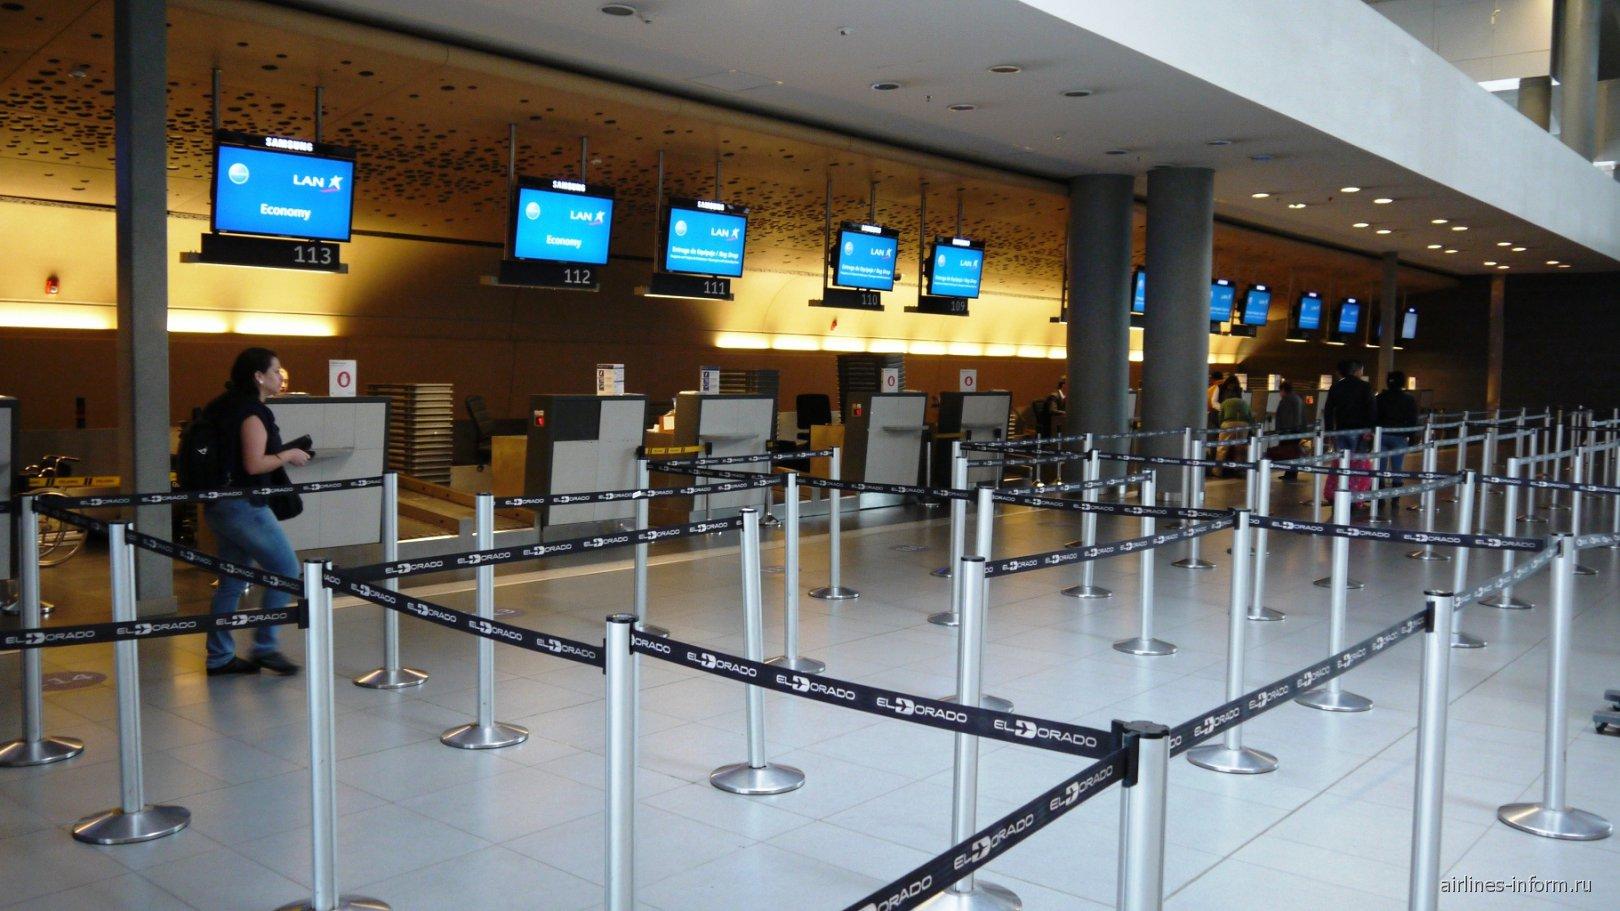 Стойки регистрации в терминале внутренних рейсов аэропорта Богота Эльдорадо